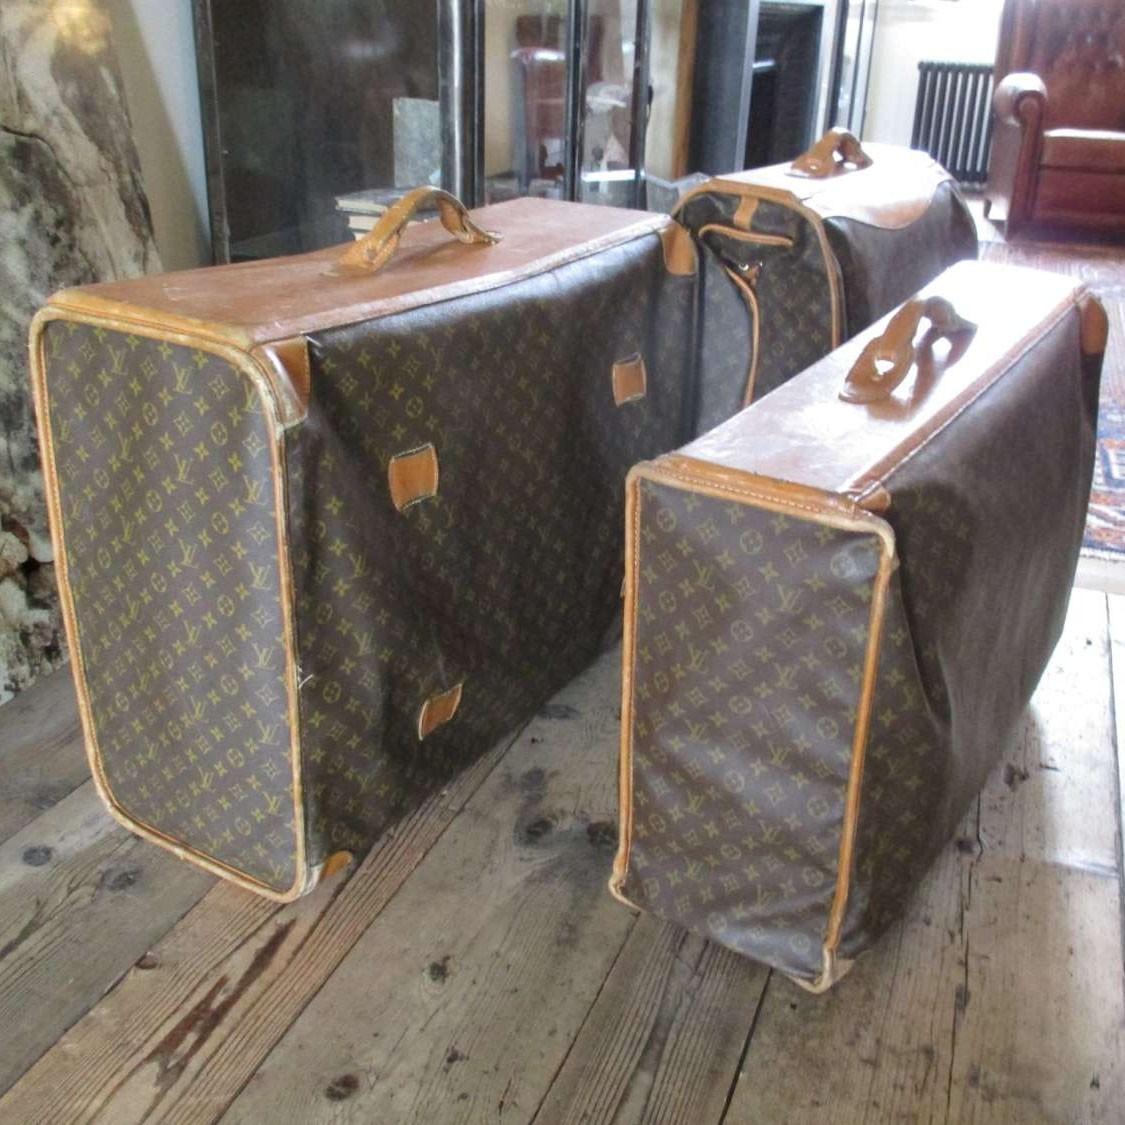 Vintage Louis Vuitton suitcases